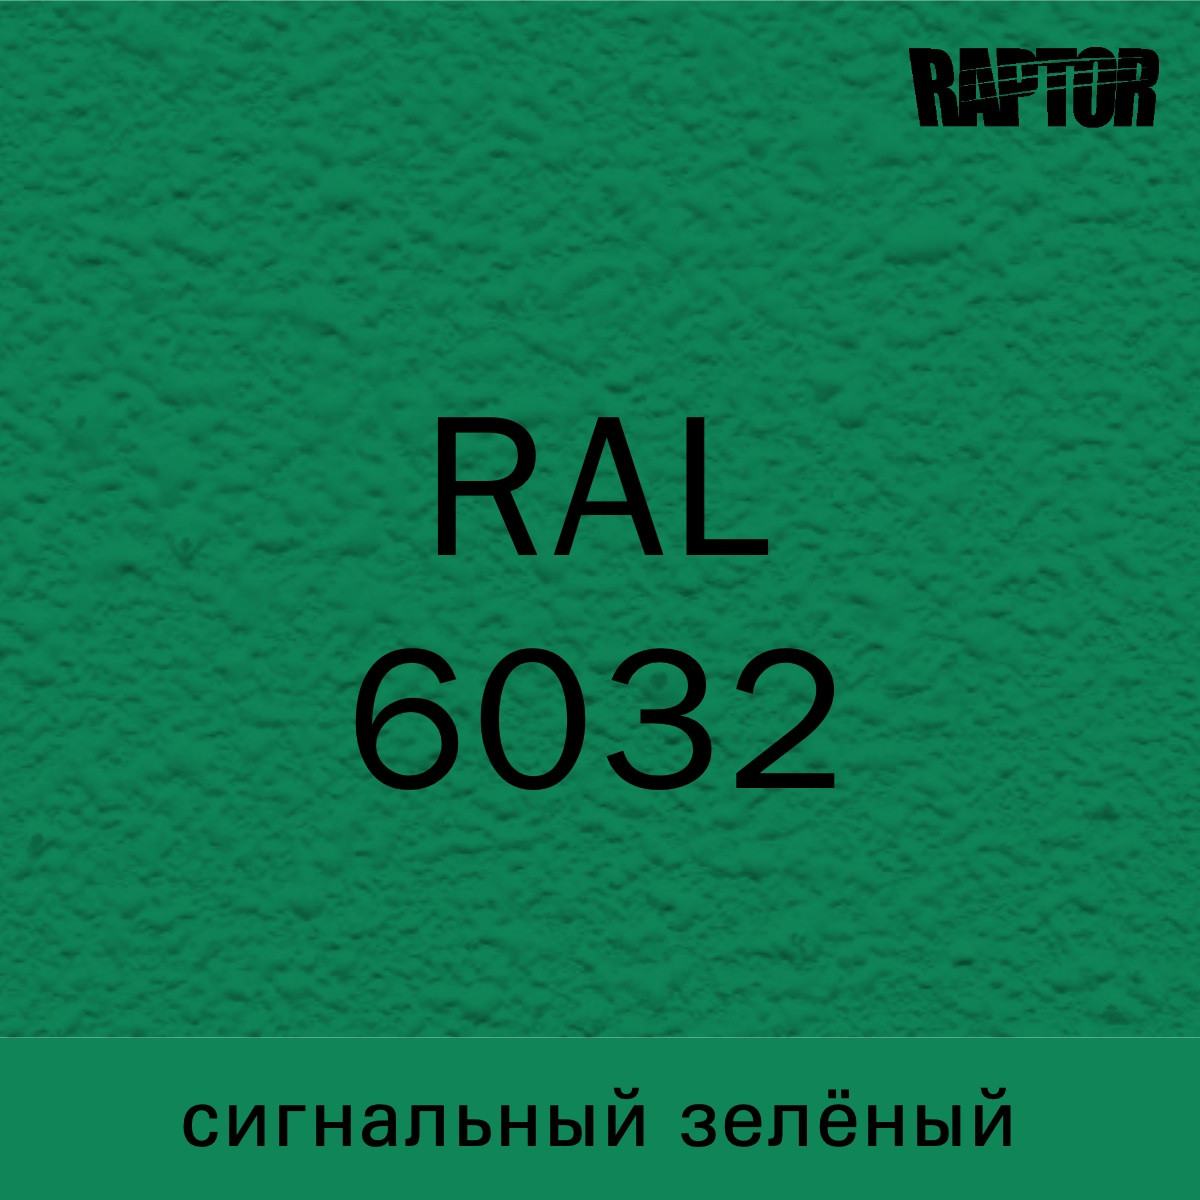 Пигмент для колеровки покрытия RAPTOR™ Сигнальный зелёный (RAL 6032)